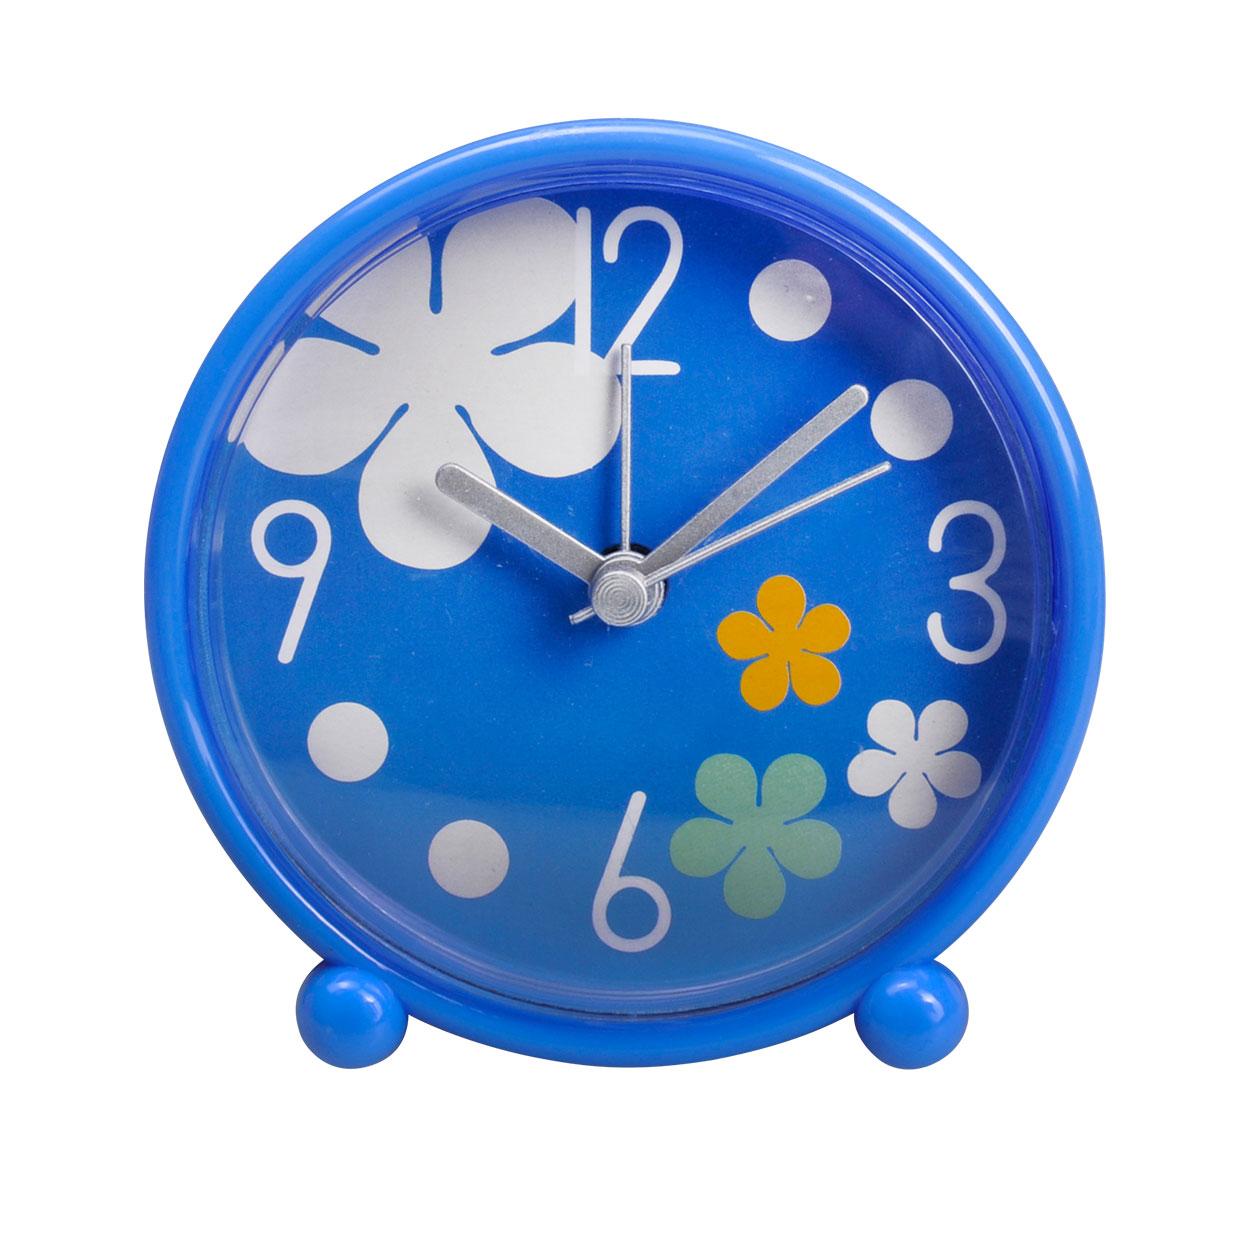 Wekker kleur blauw online kopen - Kleur blauw olie ...